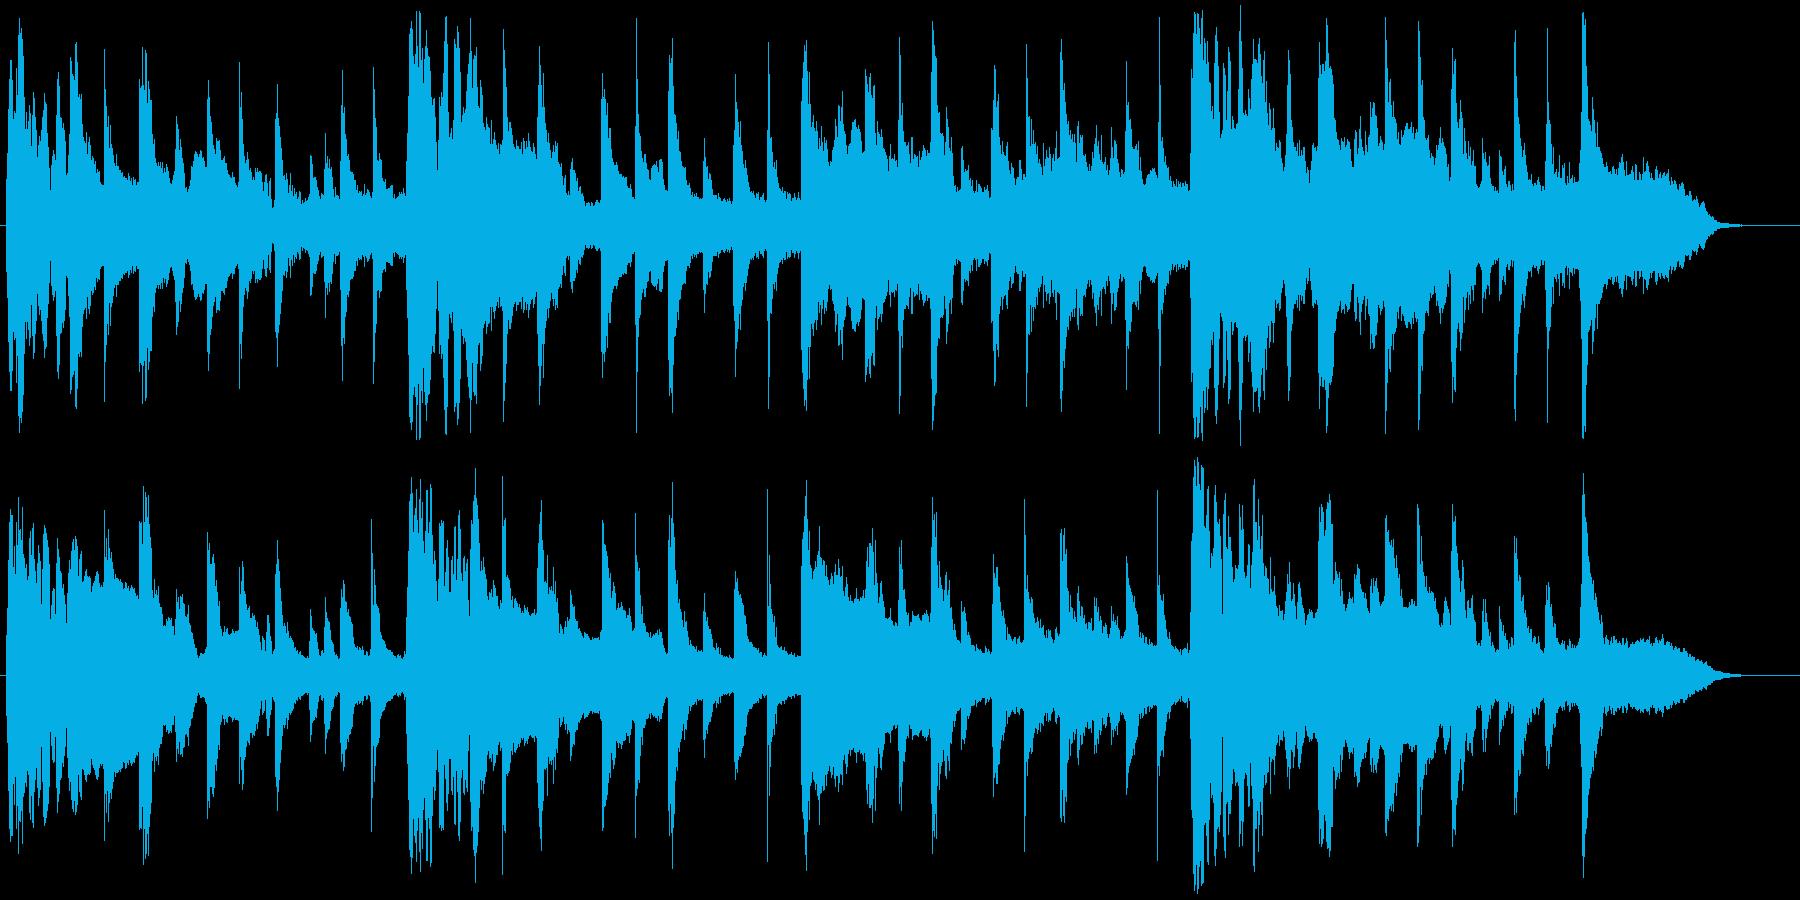 日本味の強い古典的な雰囲気のBGMの再生済みの波形